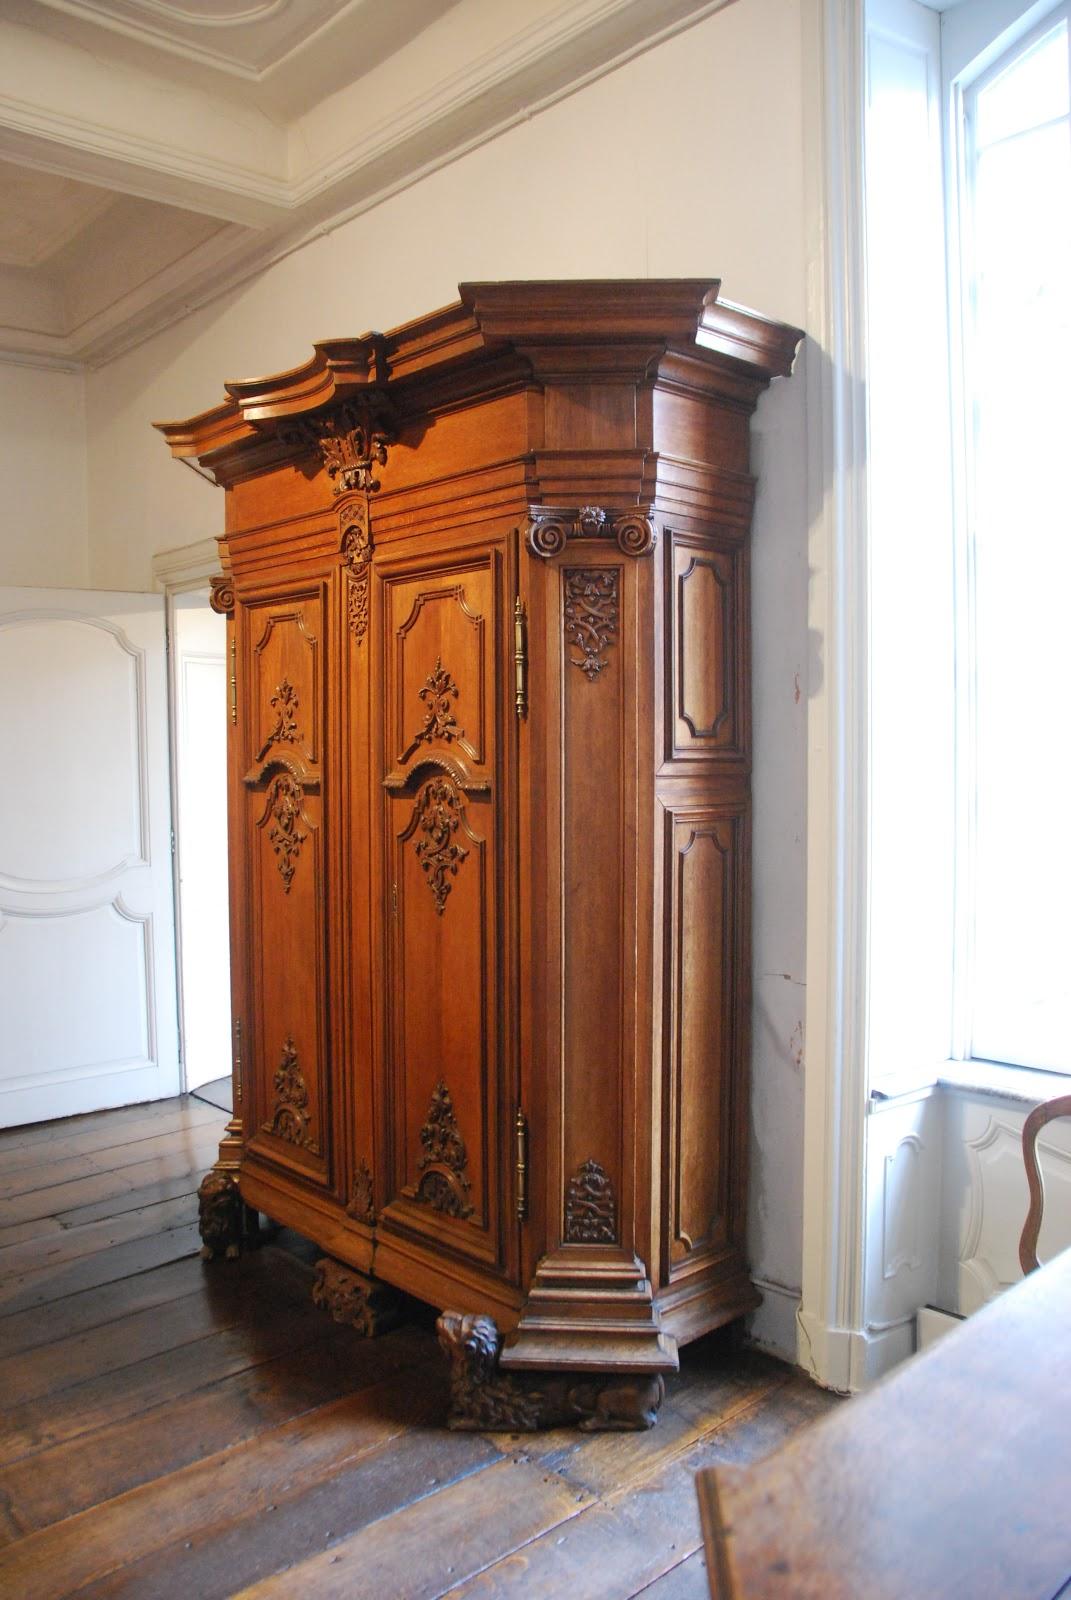 Ornamentsnijder patrick damiaens naamse meubelen naams houtsnijwerk het naamse meubel - Garderobe stijl van lodewijk xv ...